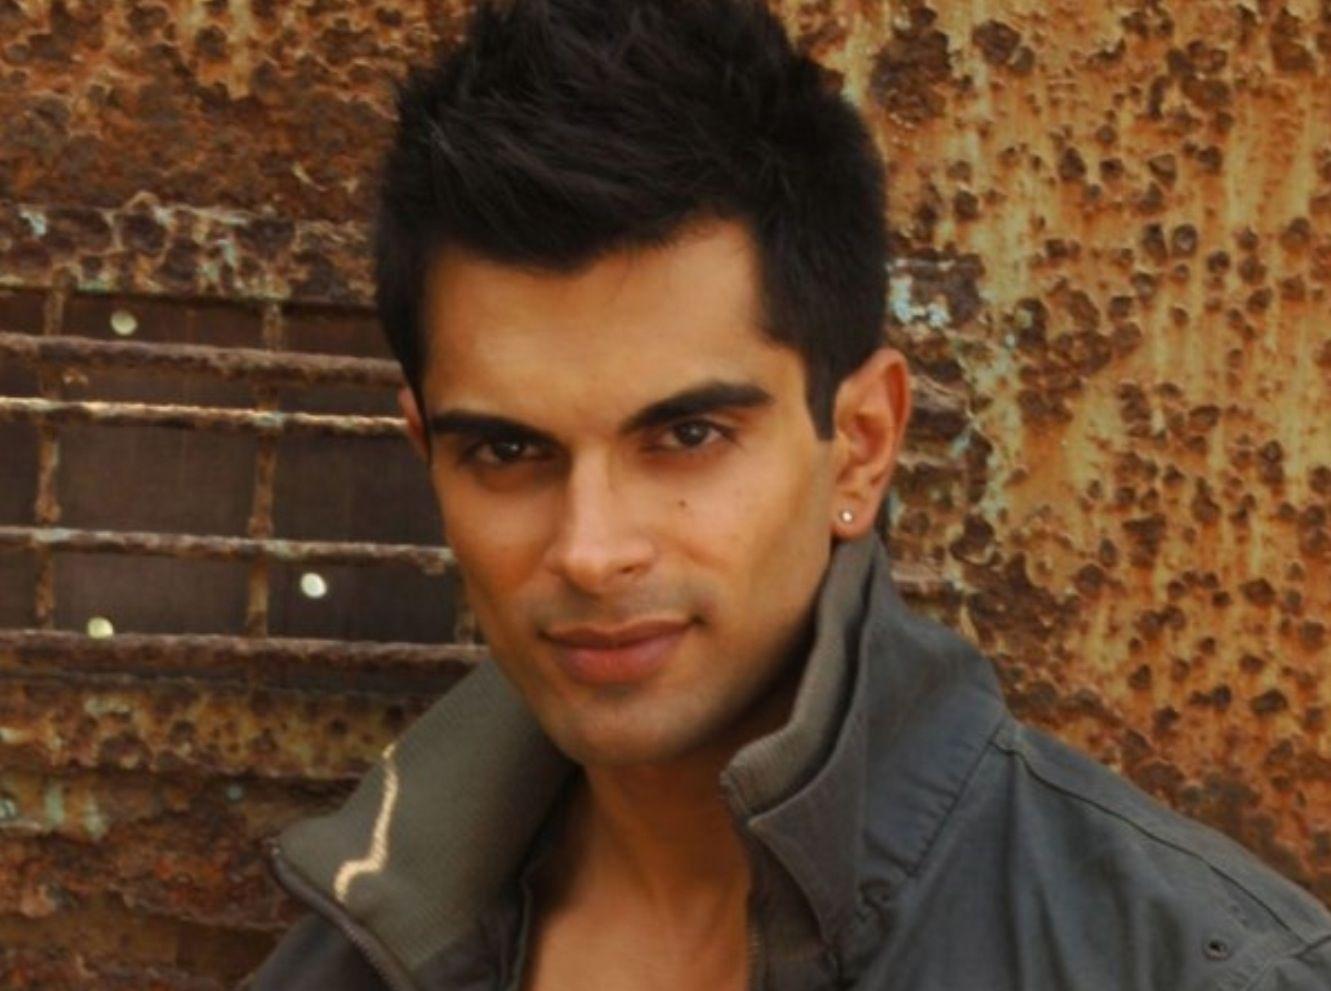 Pin By Humairah On Karan Singh Grover In 2020 Celebrities Beautiful People Bodybuilders